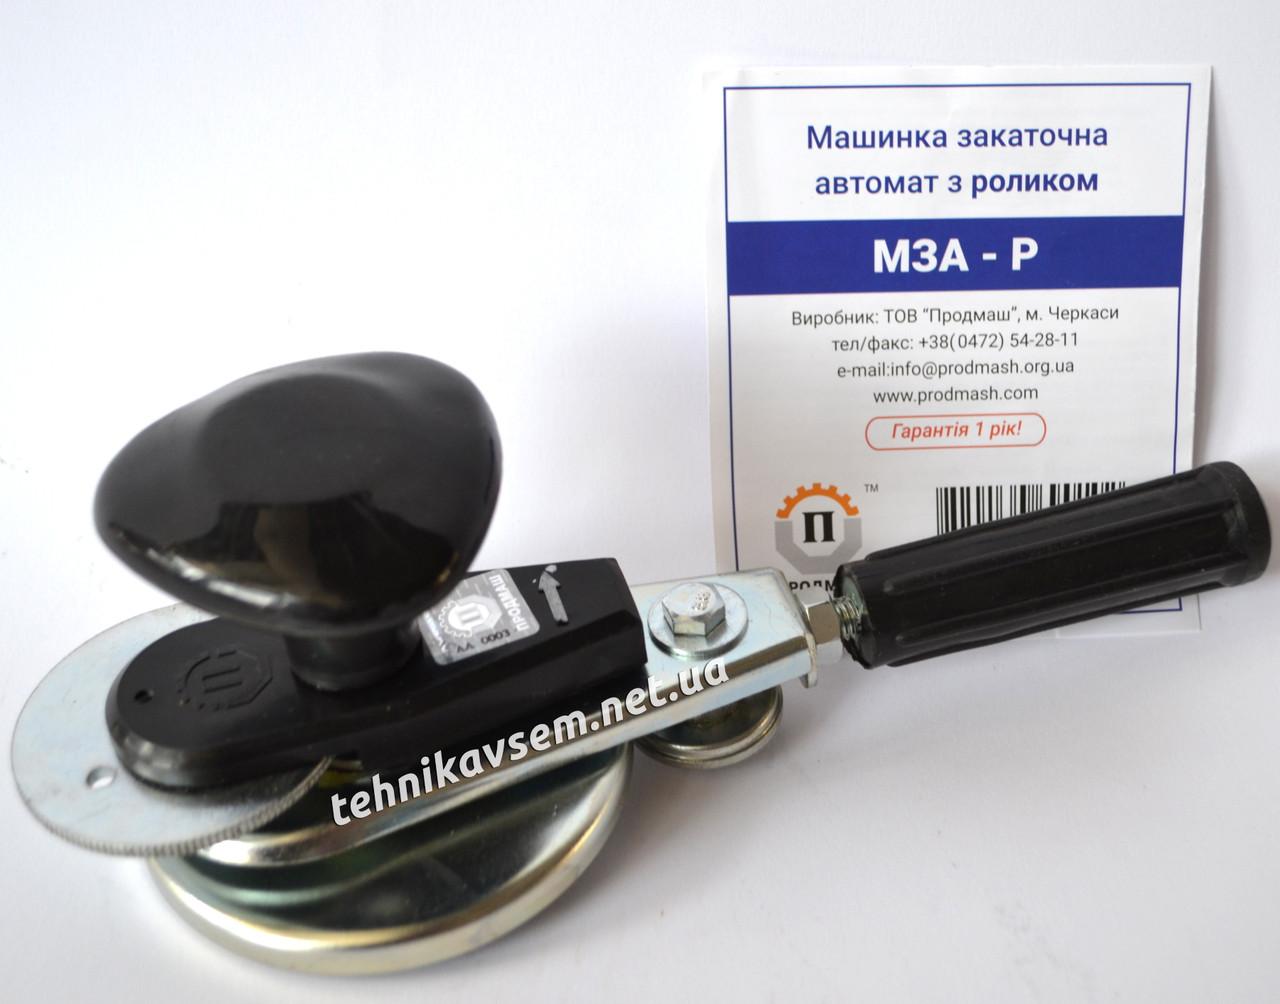 Машинка закаточна автомат МЗА-Р